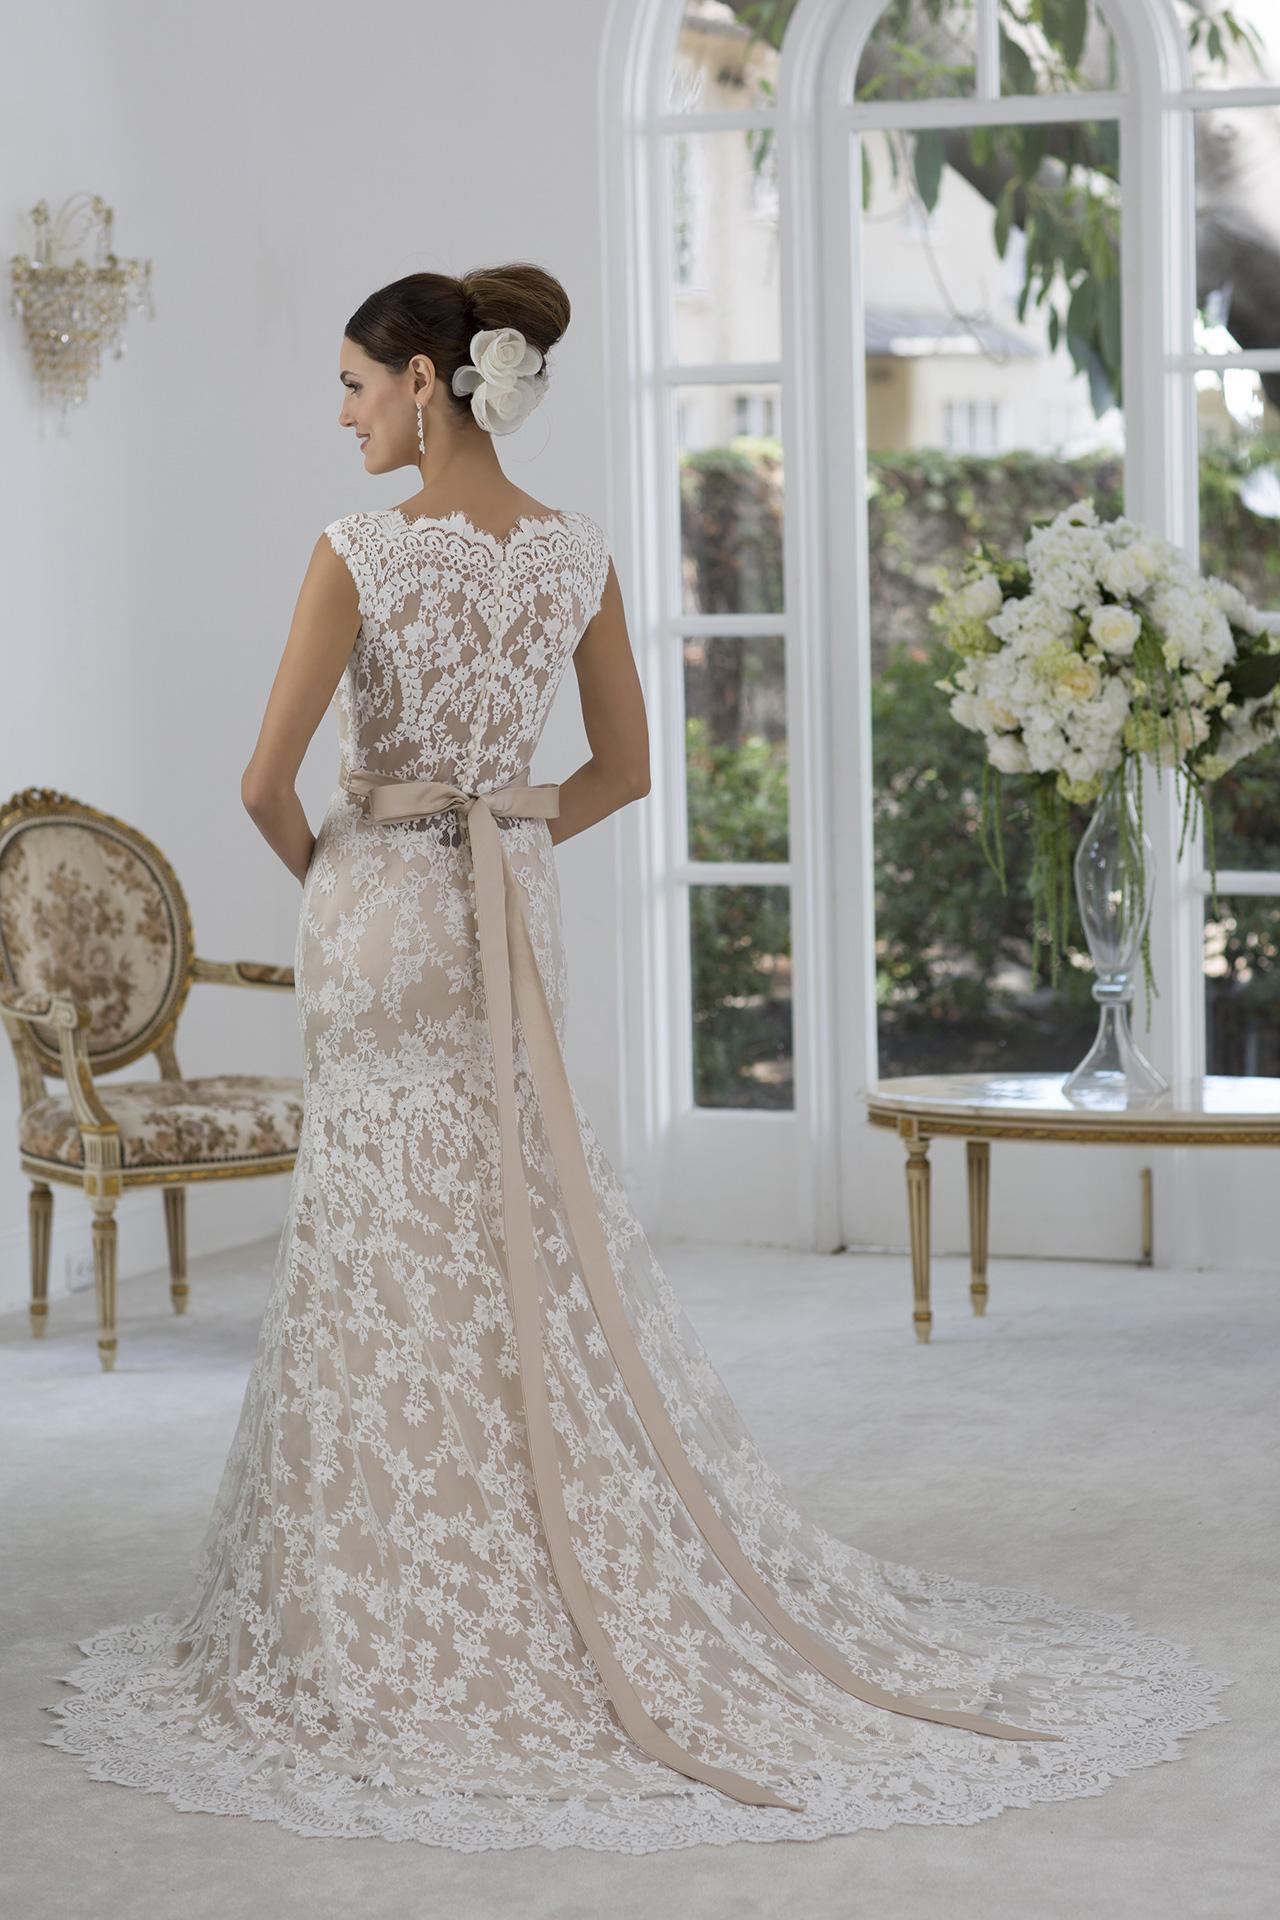 3074b0389d04 Grazie alla promozione lancio le spose potranno avere gli abiti della nuova  Collezione a prezzi incredibilmente scontati ma solo fino al 15 aprile 2018!